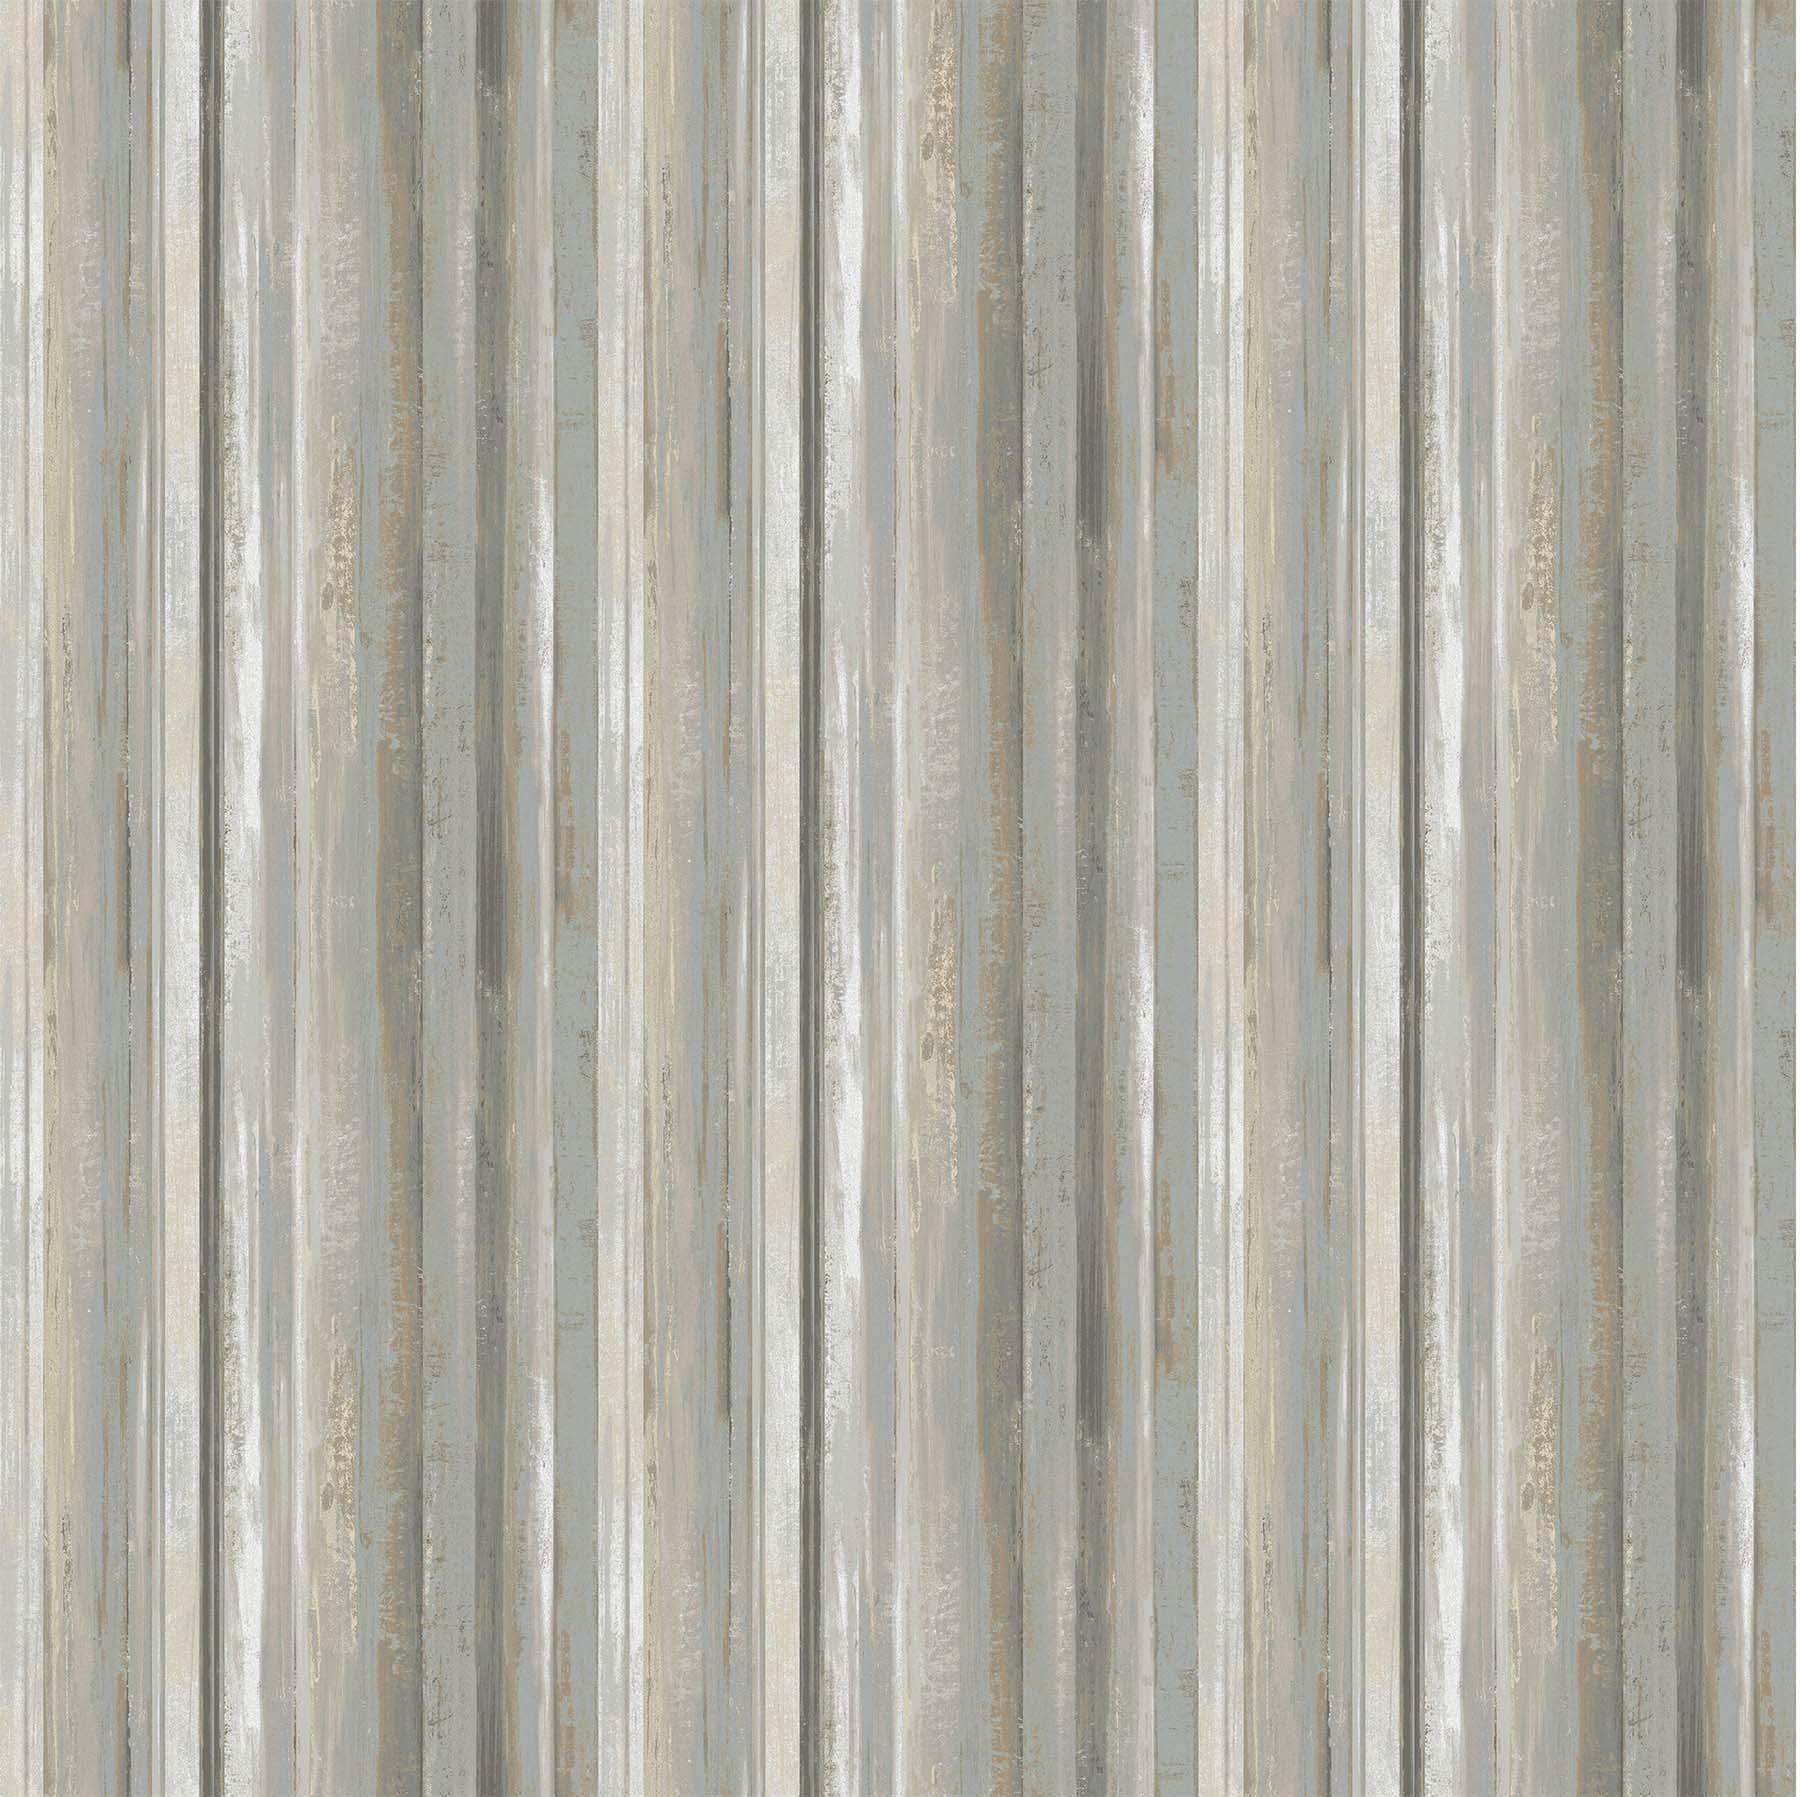 Ophelia Gray Multi  Textured Stripe